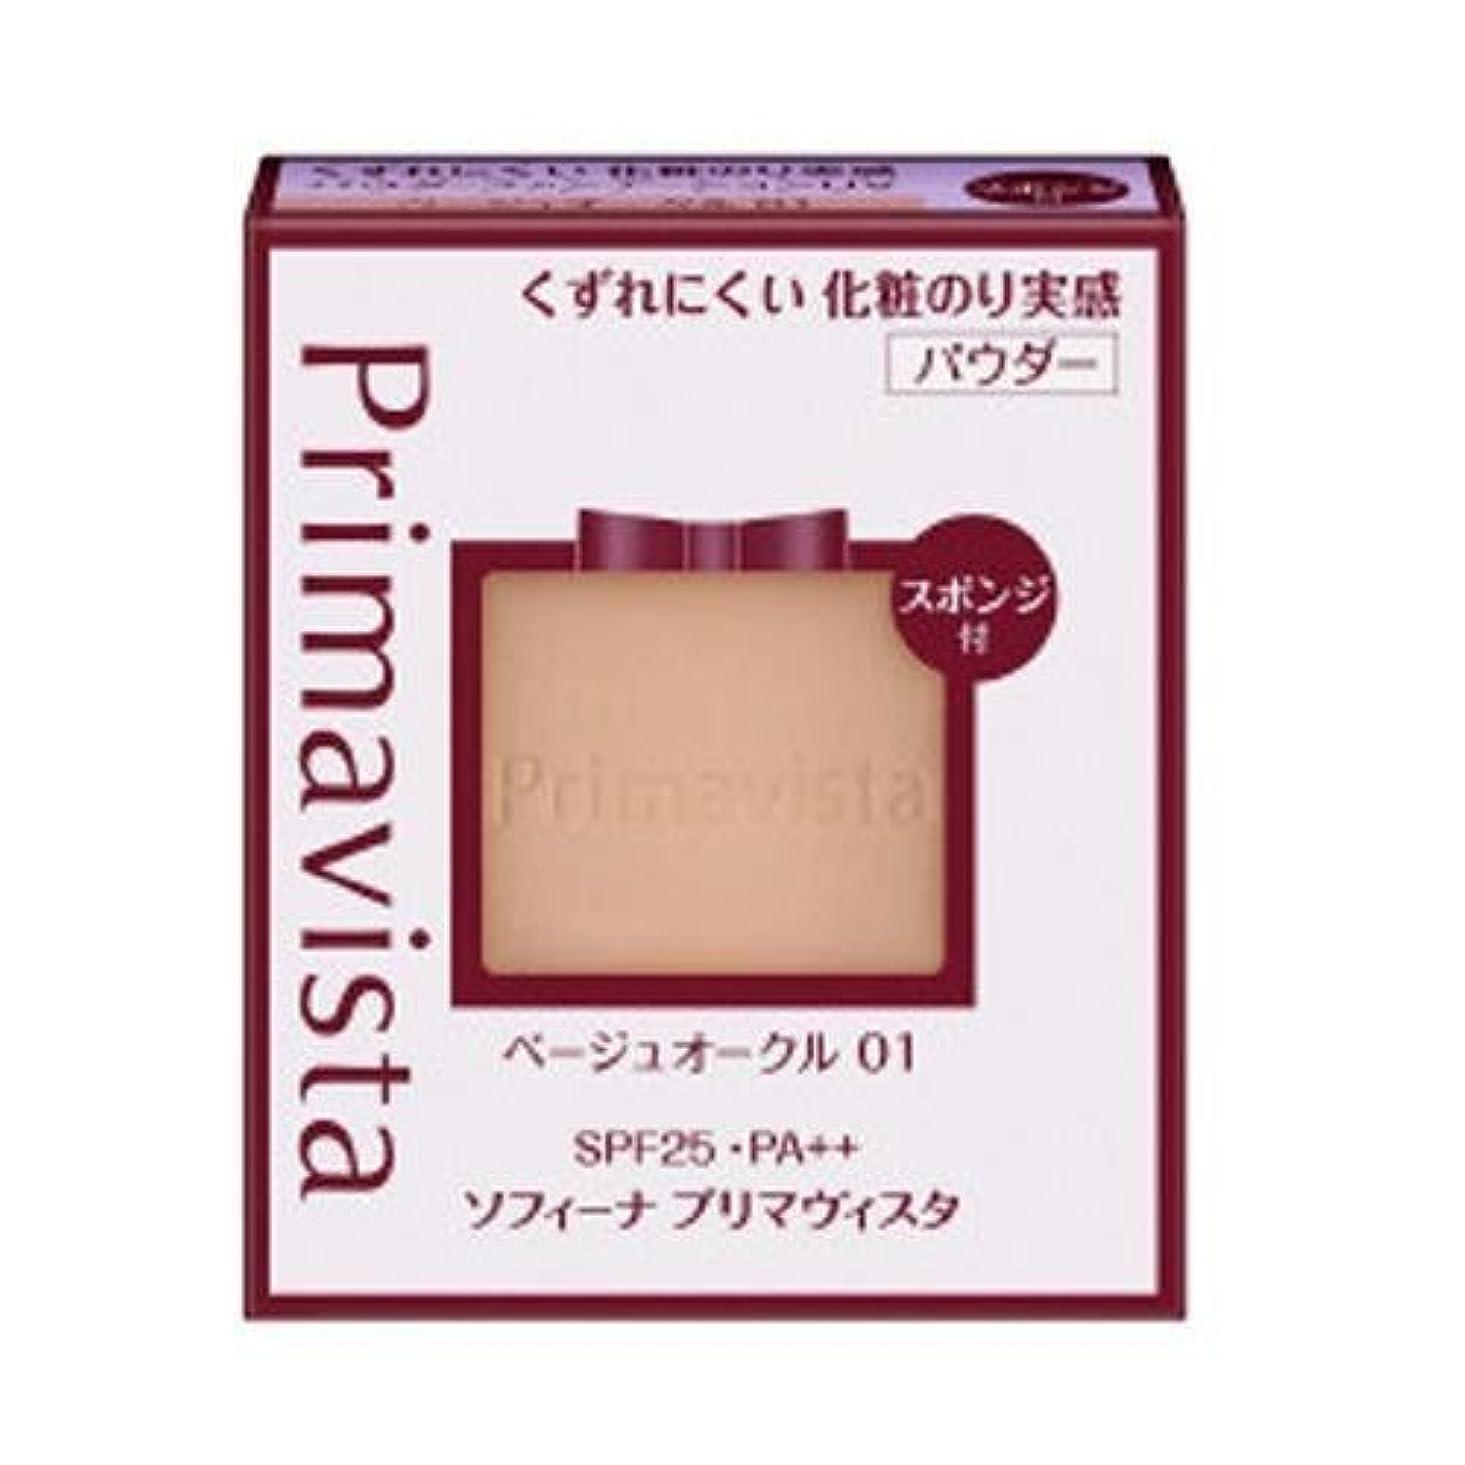 パシフィック固執金属ソフィーナ プリマヴィスタ くずれにくい 化粧のり実感パウダーファンデーションUV ベージュオークル01 レフィル